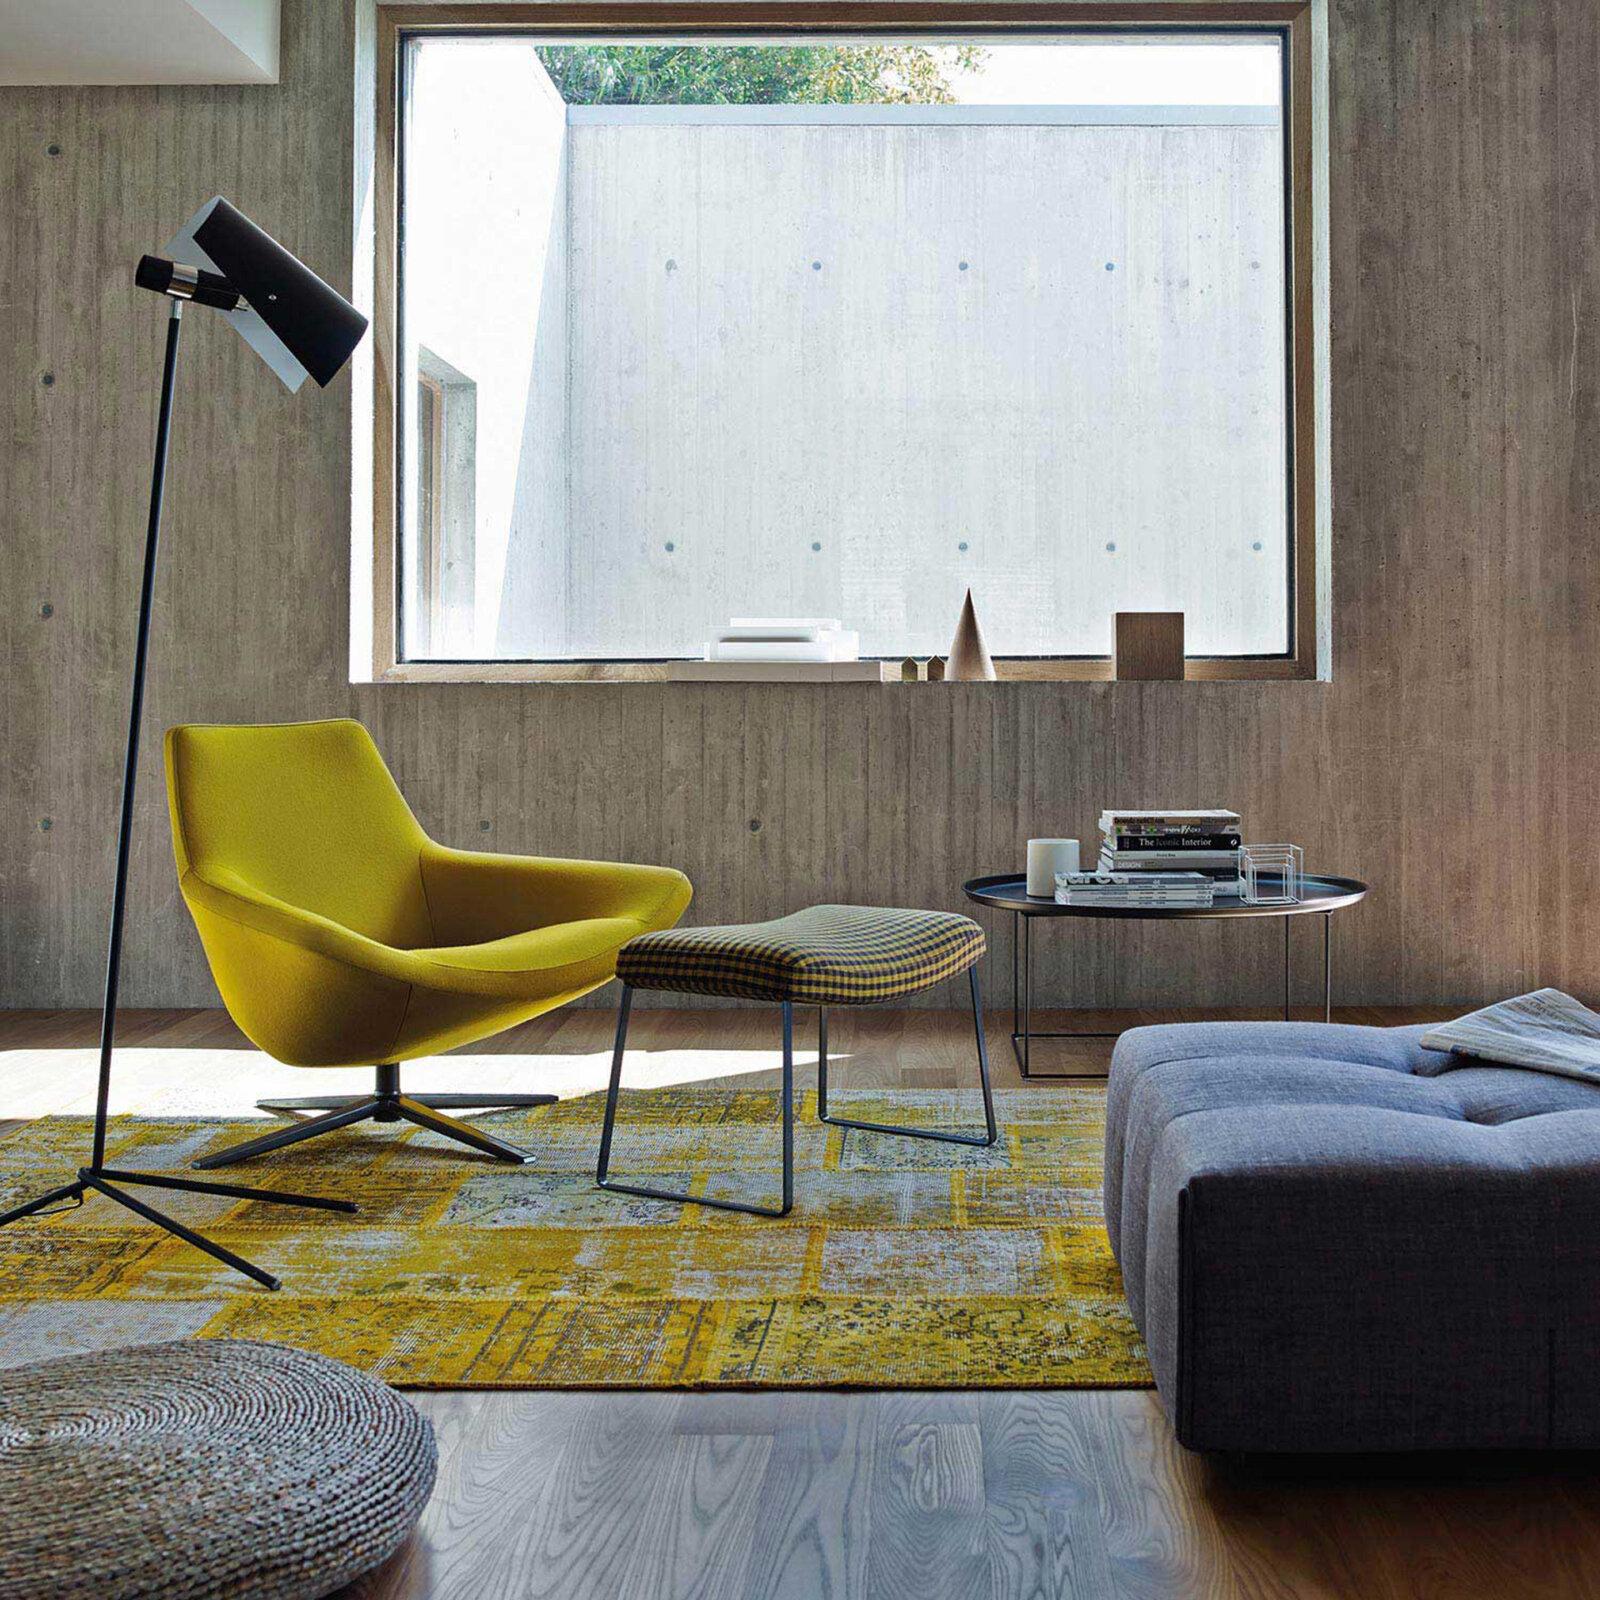 TinnappleMetz-nemo-claritas-floor-lamp-04